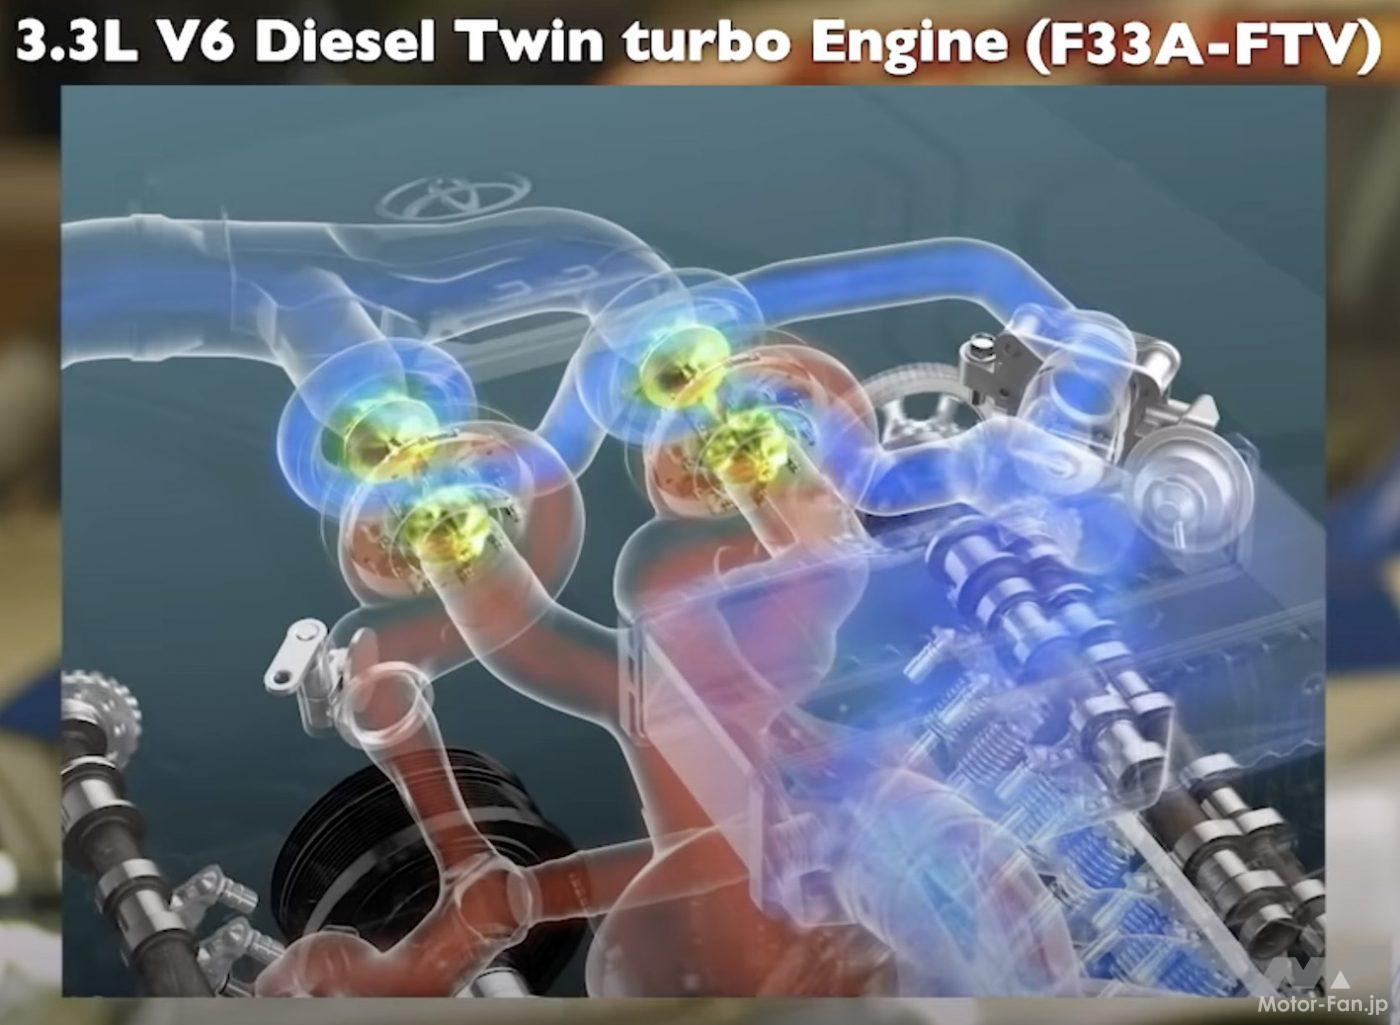 「間もなく日本デビュー! 新型トヨタ・ランドクルーザー(300系)完全新開発3.3ℓV6ディーゼルツインターボ【F33A-FTV】とはどんなエンジンになるか」の12枚目の画像